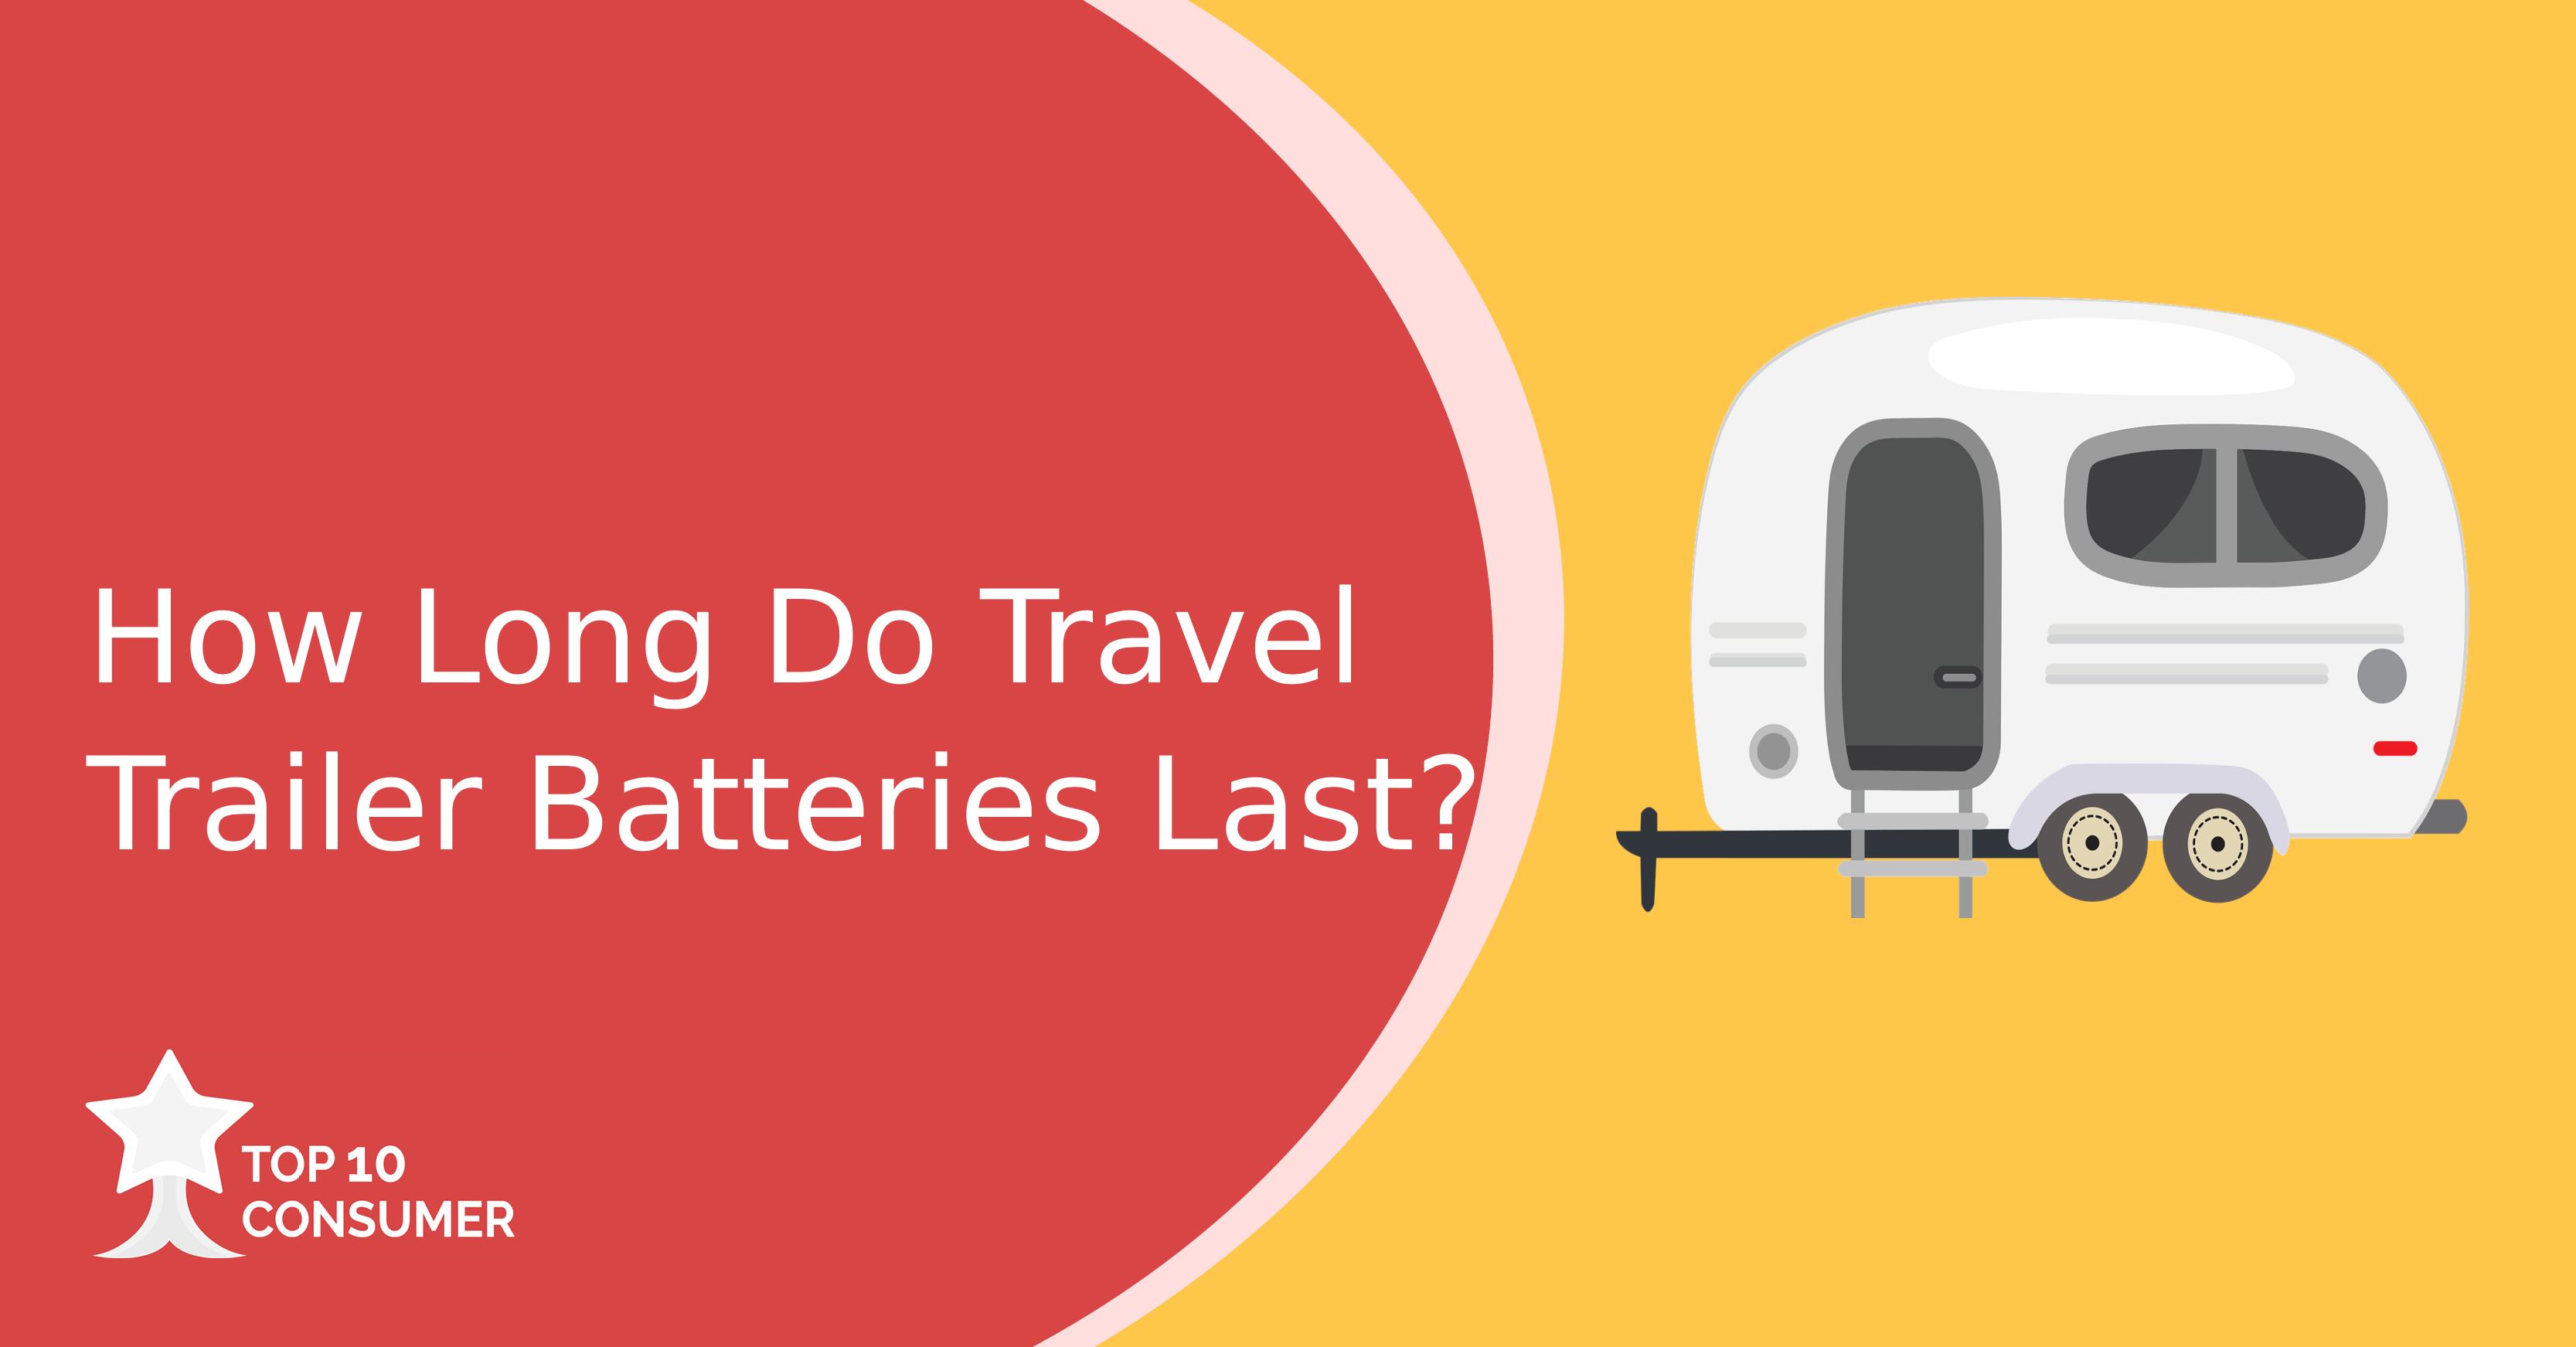 How Long do Travel Trailer Batteries Last